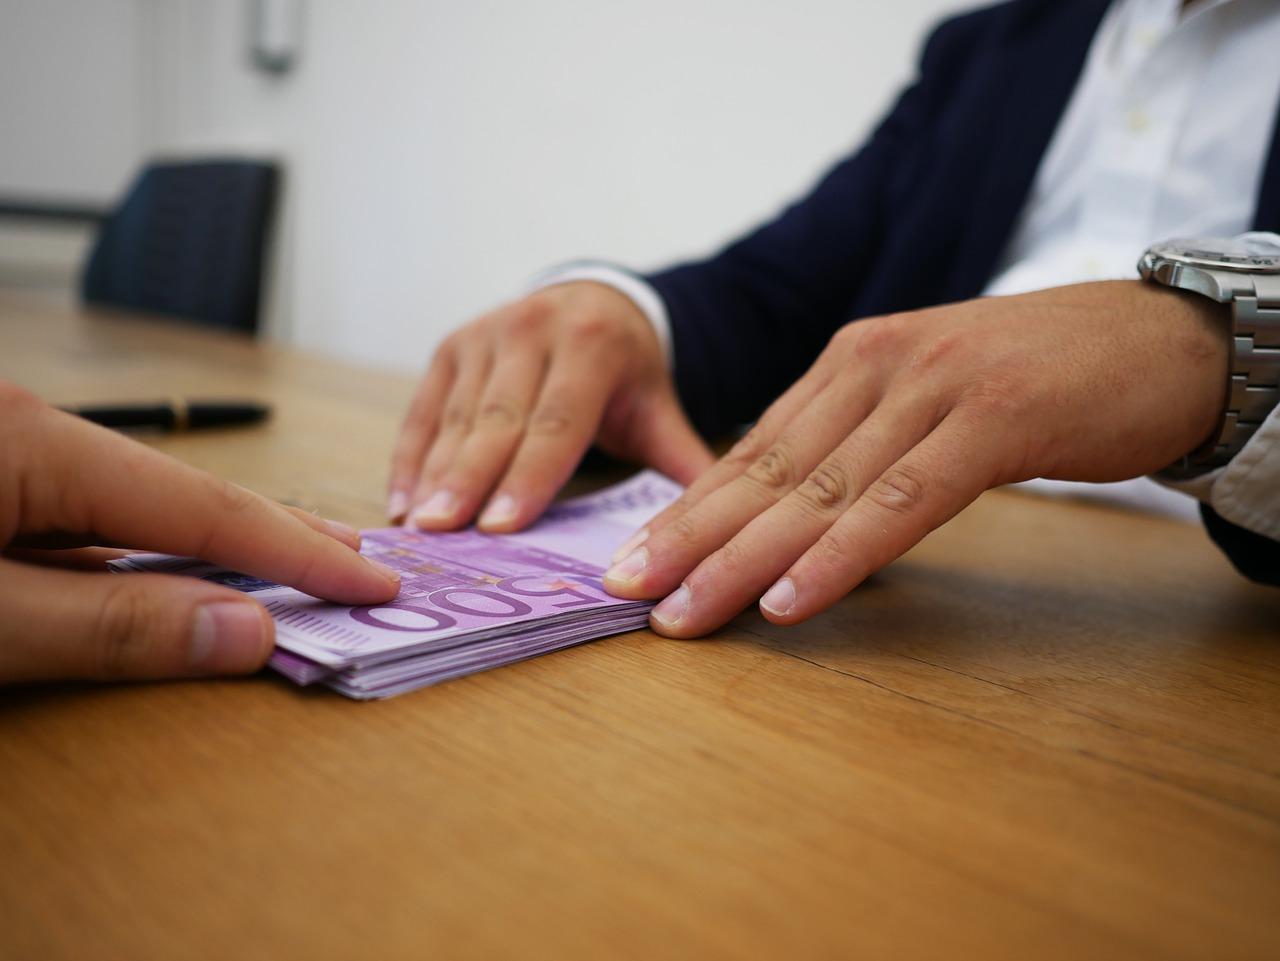 Les bonnes raisons de souscrire un prêt personnel